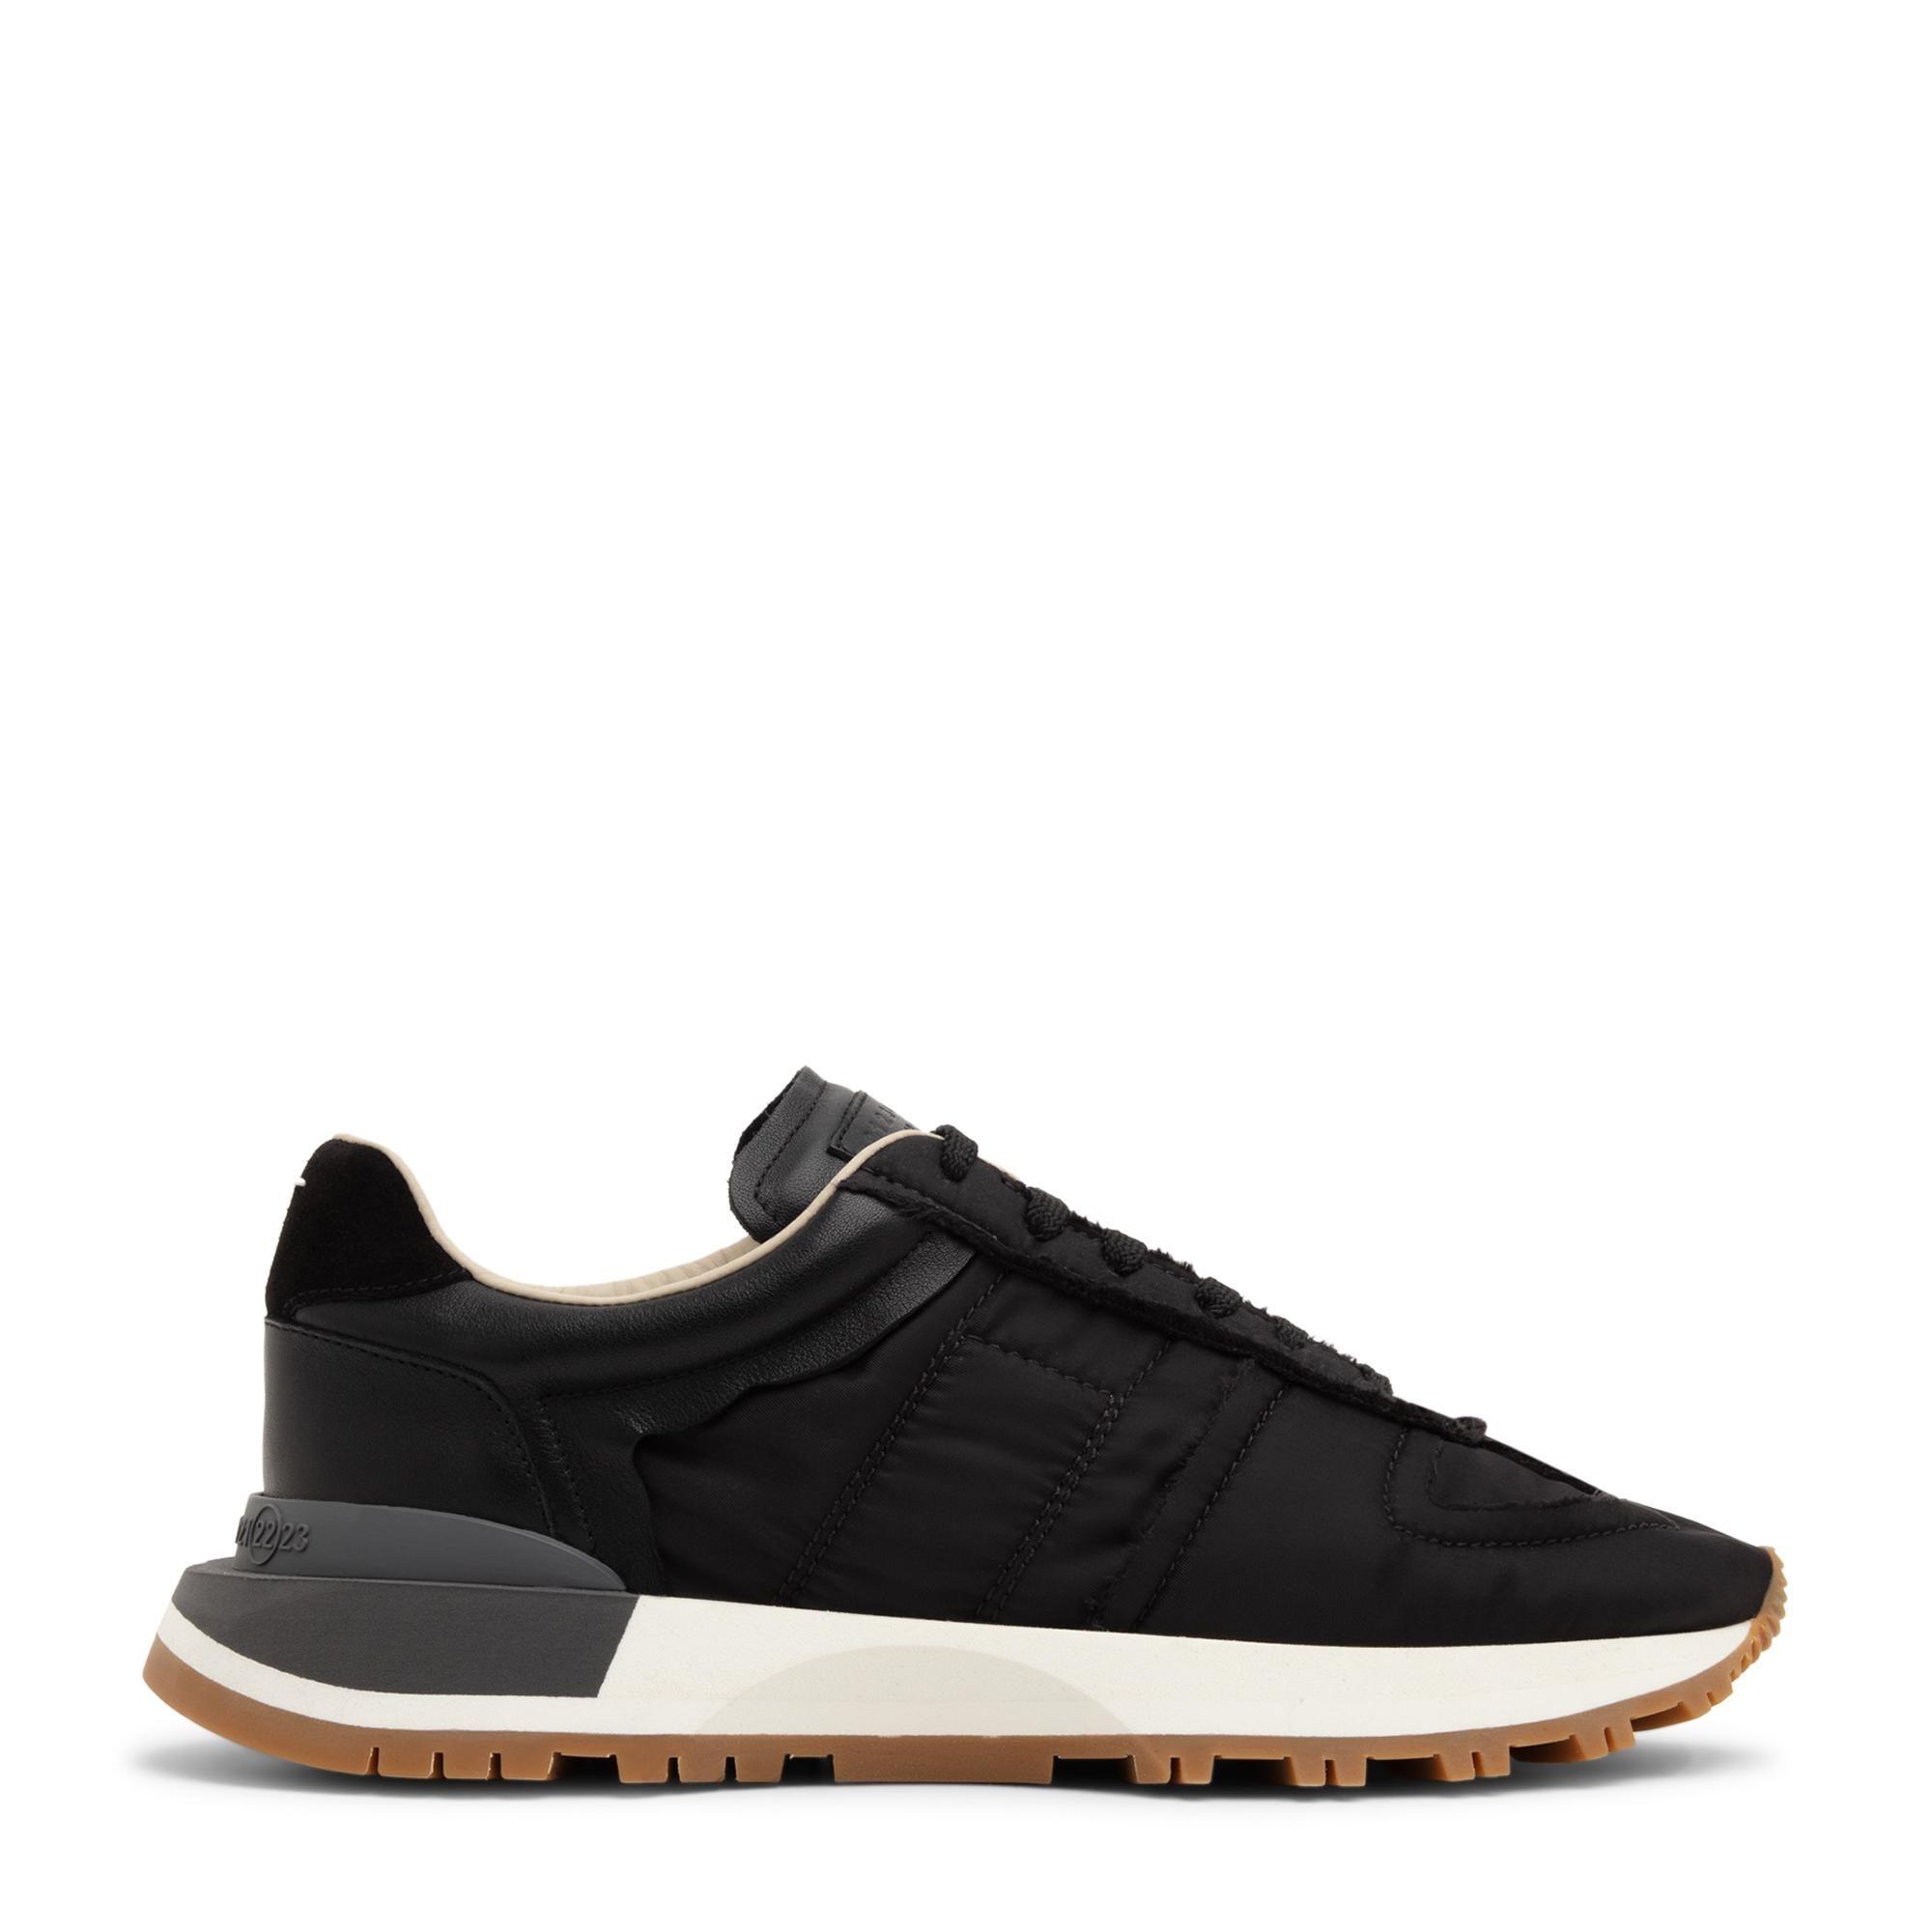 Runner evolution sneakers